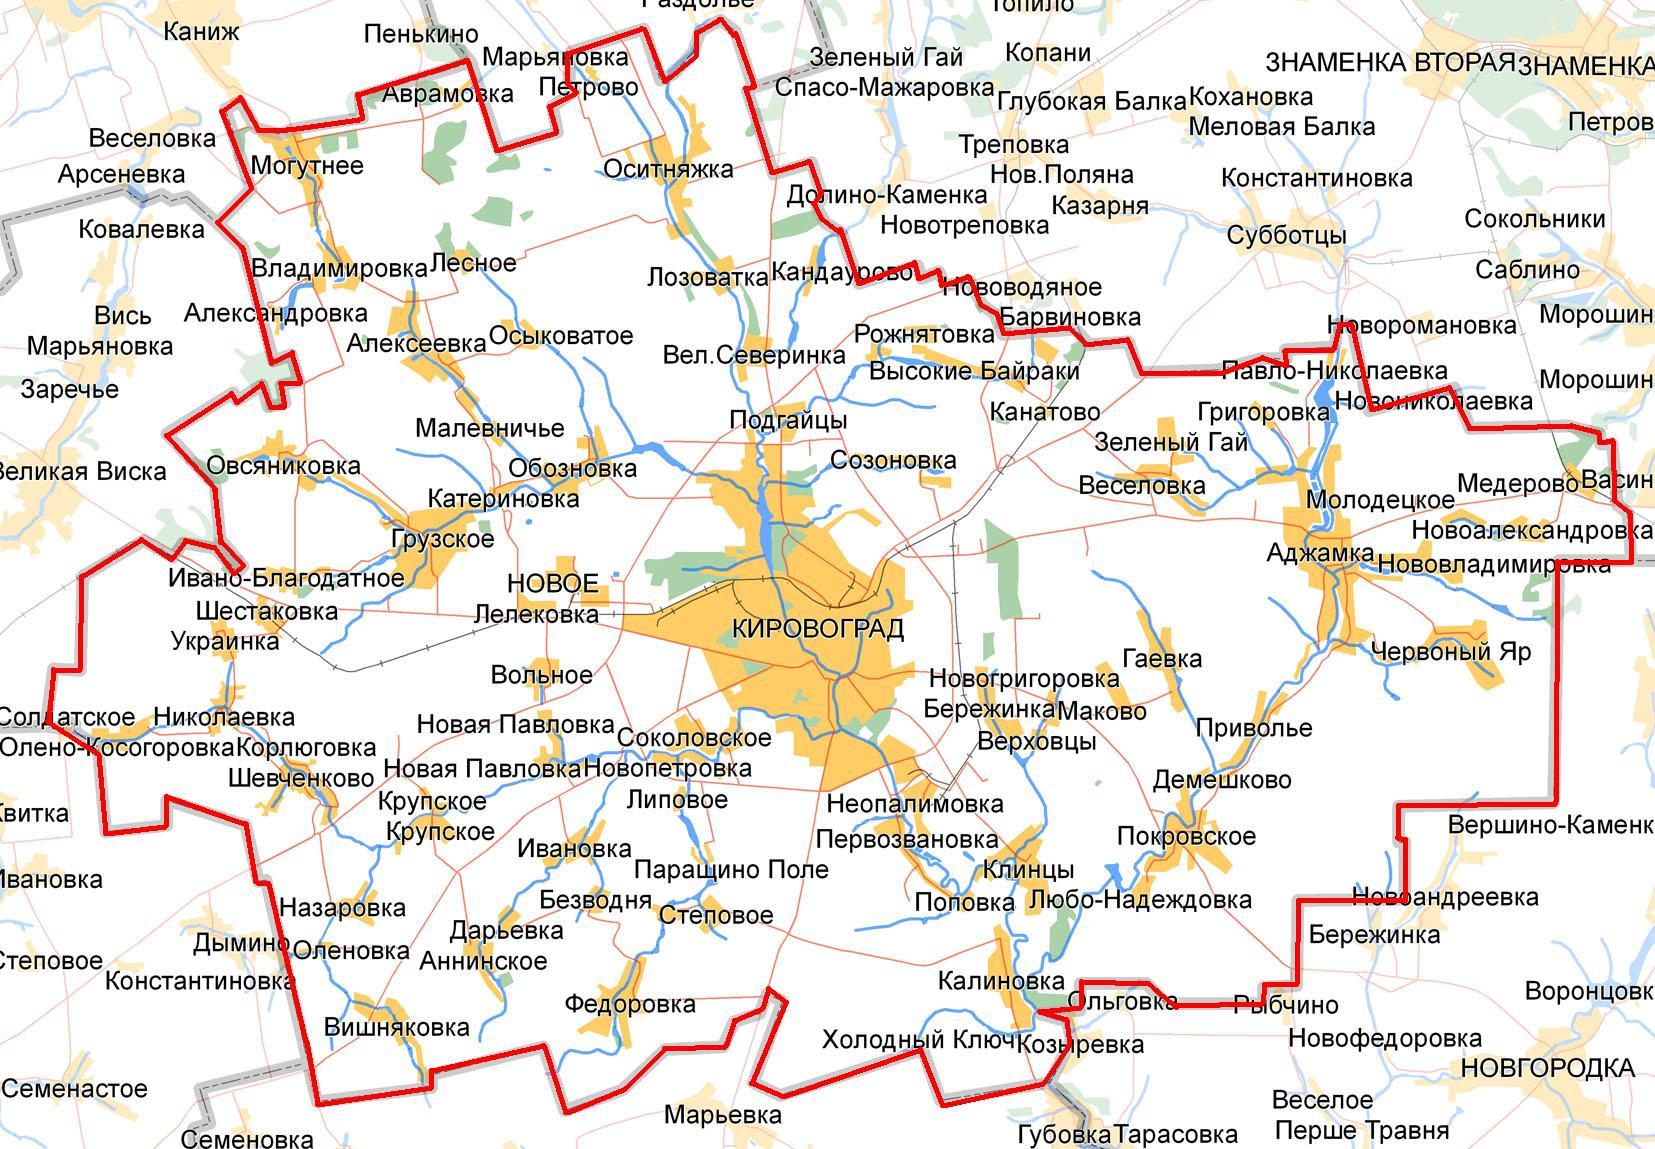 Wsufy написал q сейчас это один из районов пгтновая прага александрийского р-на кировоградской области